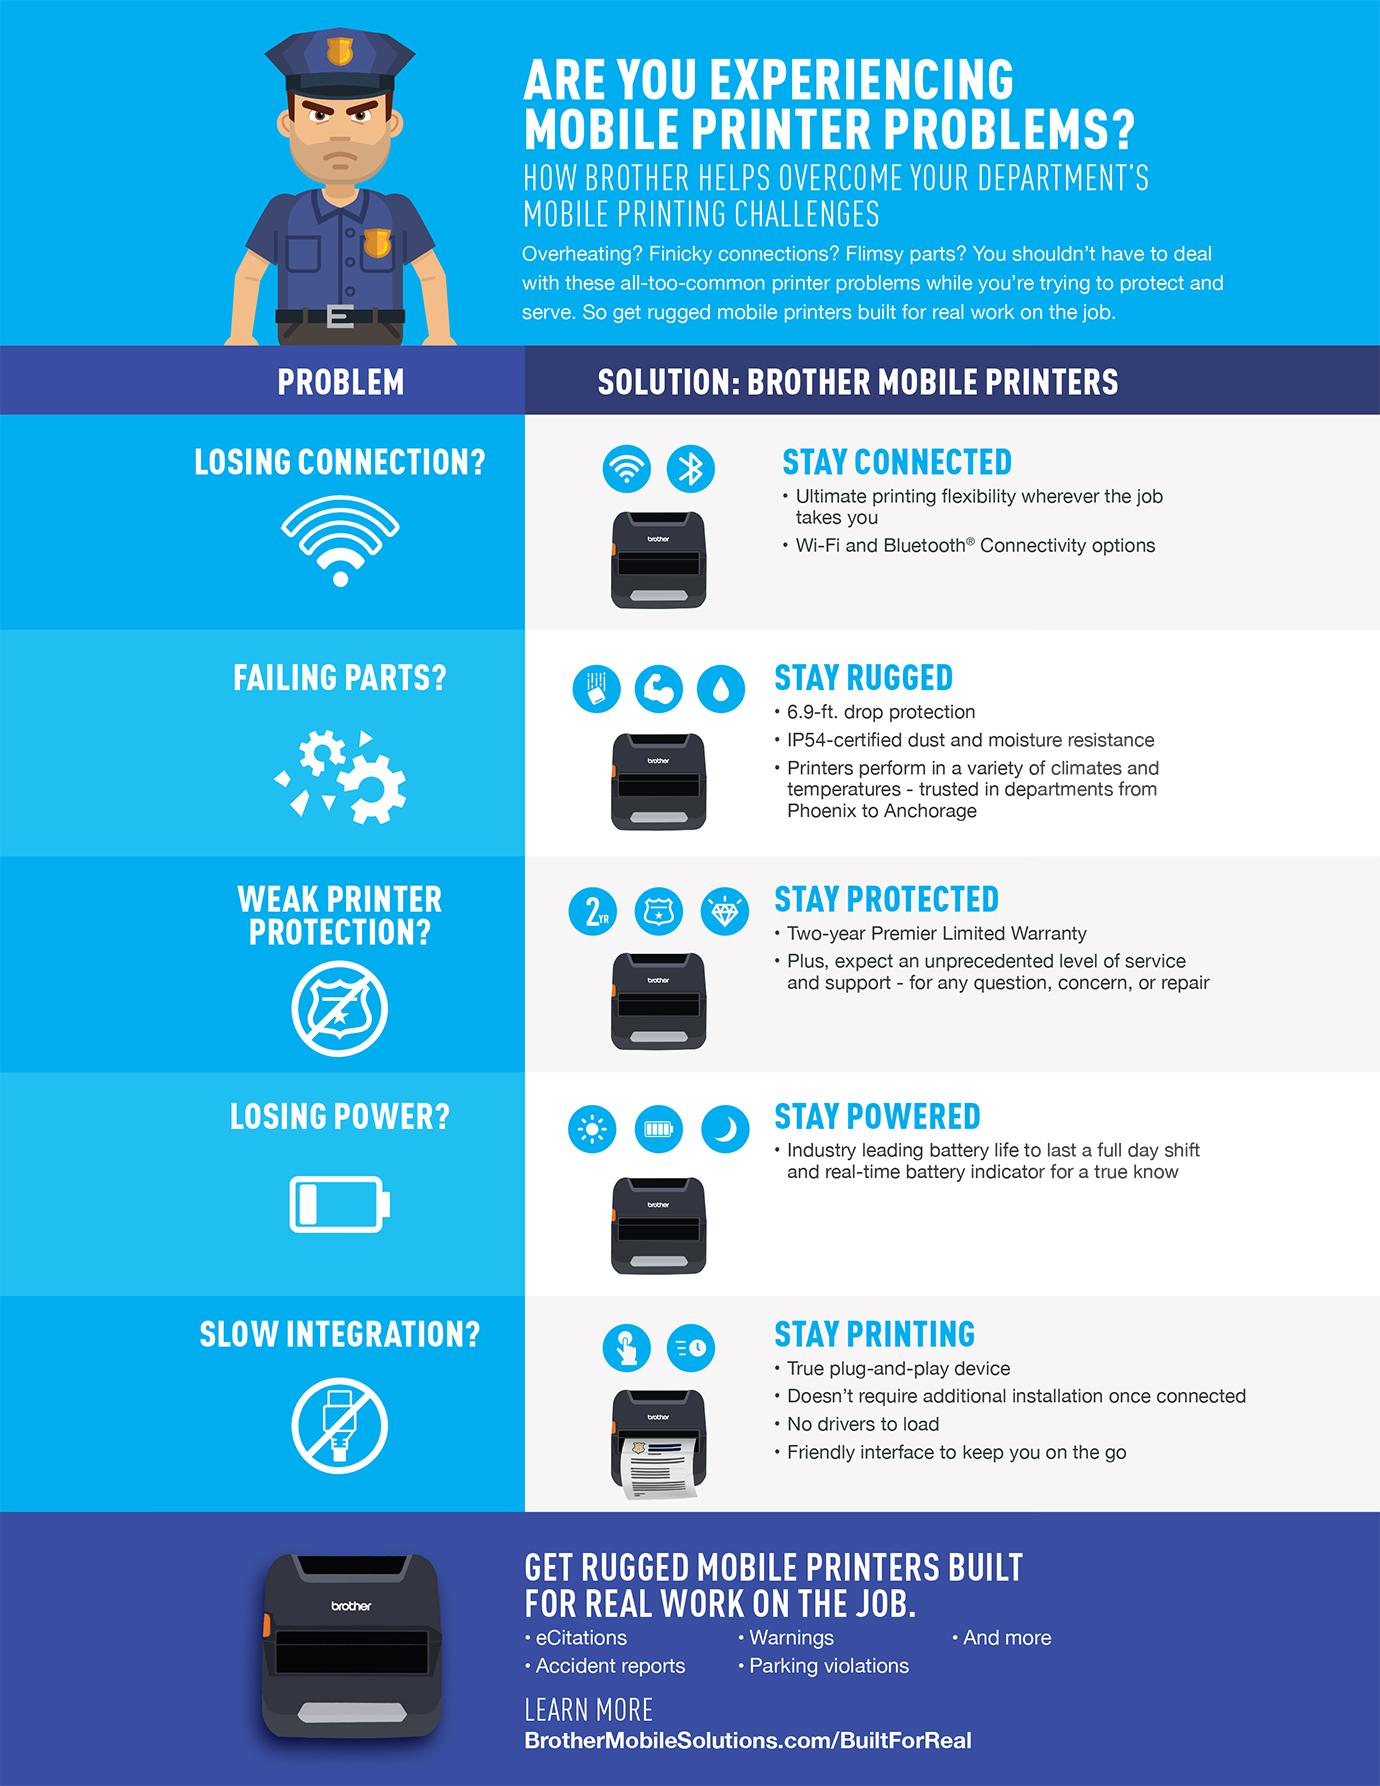 BON_BMS_RJ4250_infographic_full.jpg